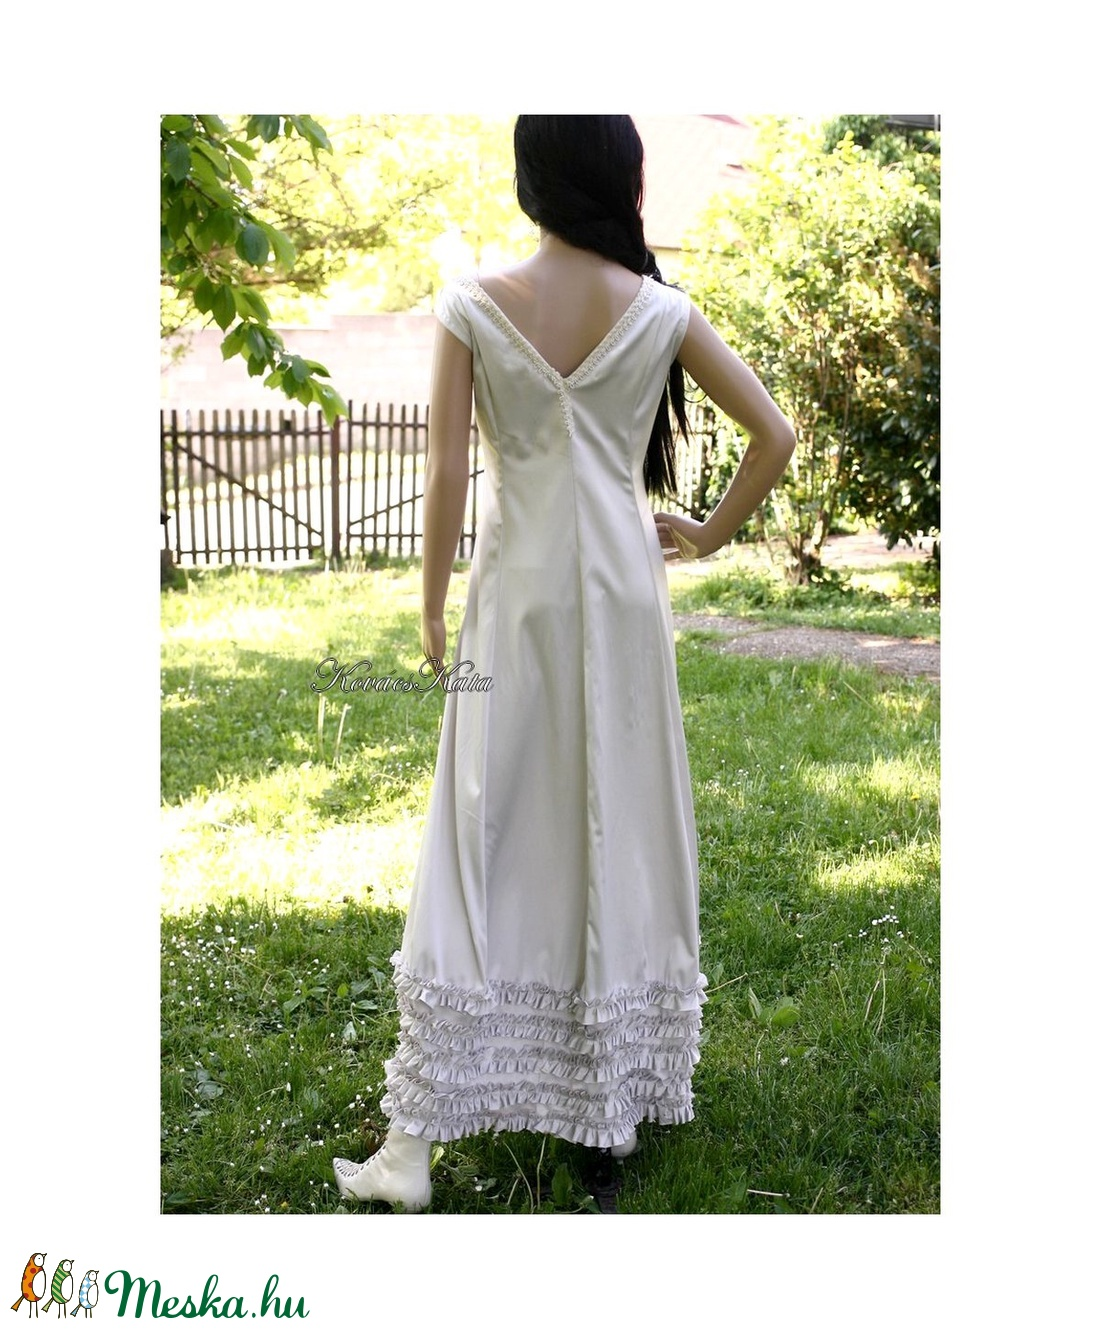 MILENA - romantikus örömanya ruha (Aranybrokat) - Meska.hu 9ca5a83a39